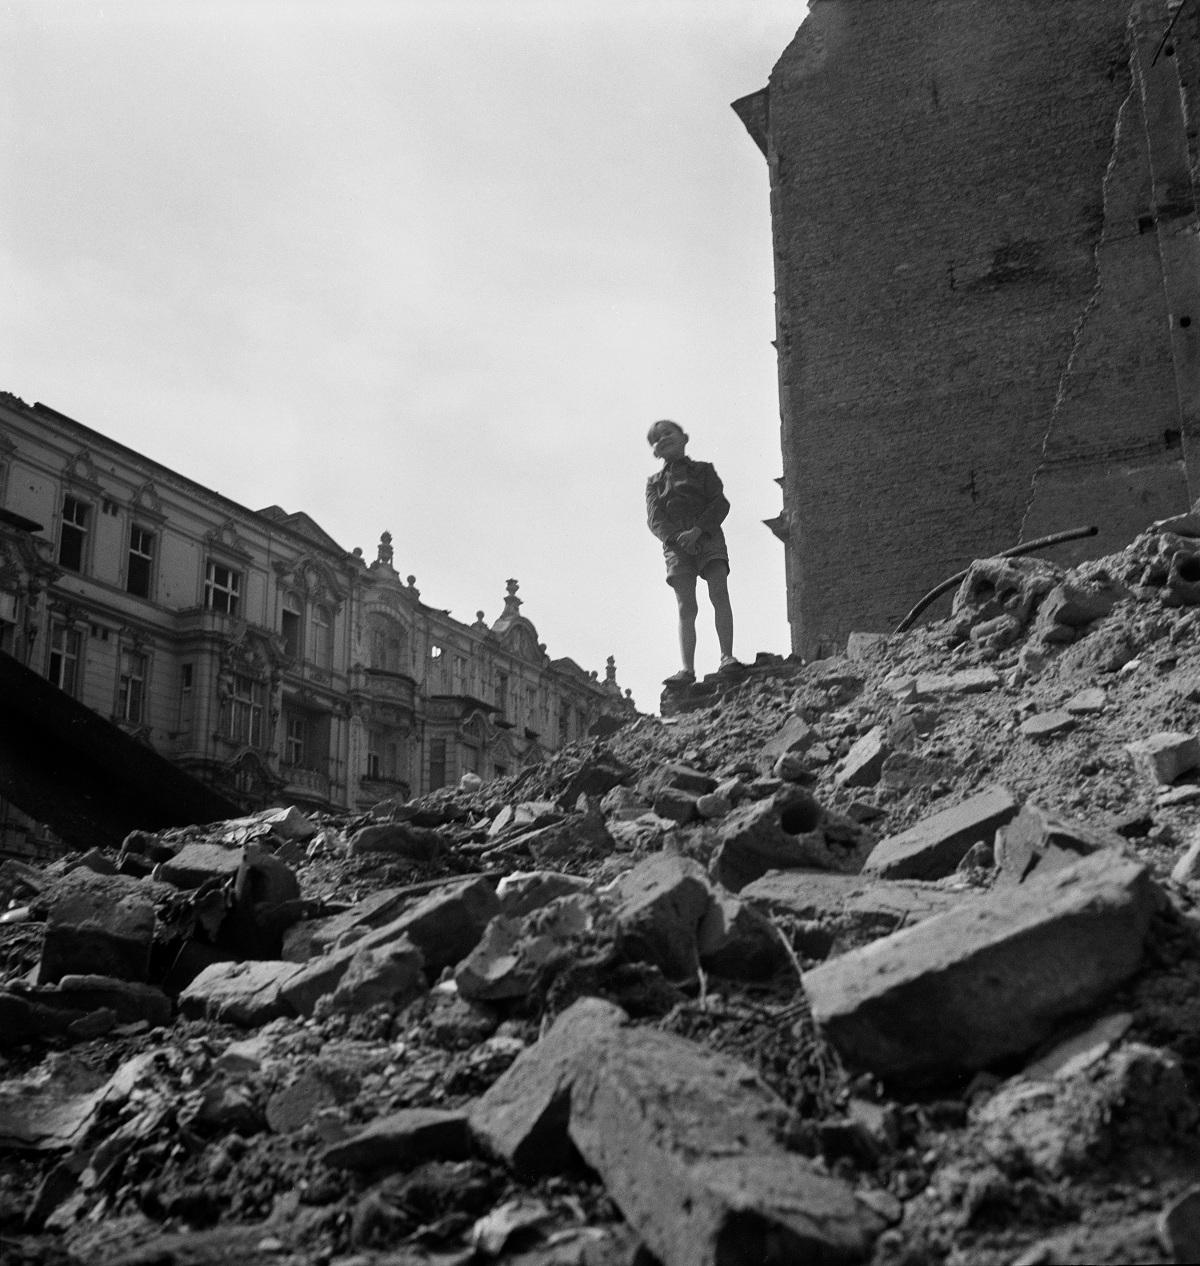 Chłopiec stojący na stercie gruzu, Berlin], 1947 (fot.  Mara Vishniac Kohn, dzięki uprzejmości  International Center of Photography)